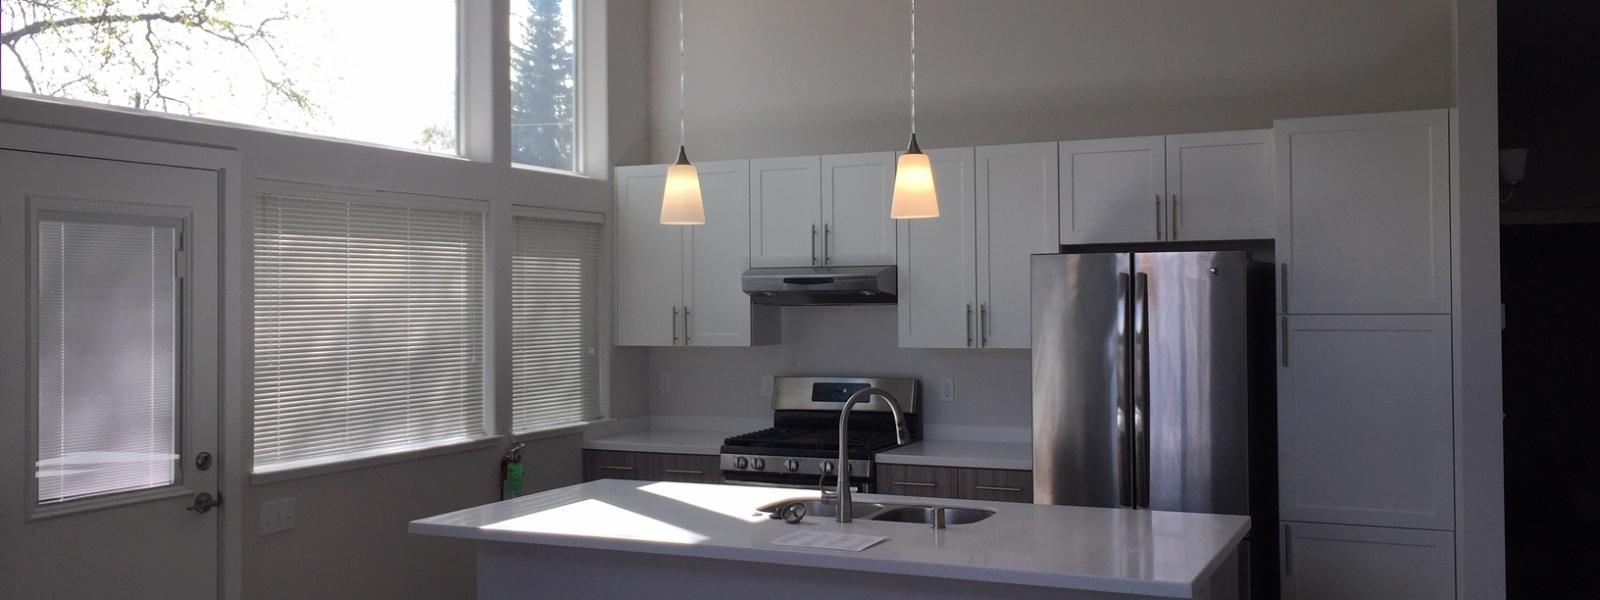 4104 Harrison Street, Anchorage, 99503, 2 Bedrooms Bedrooms, ,1 BathroomBathrooms,Duplex,For Rent,Harrison Street,1070